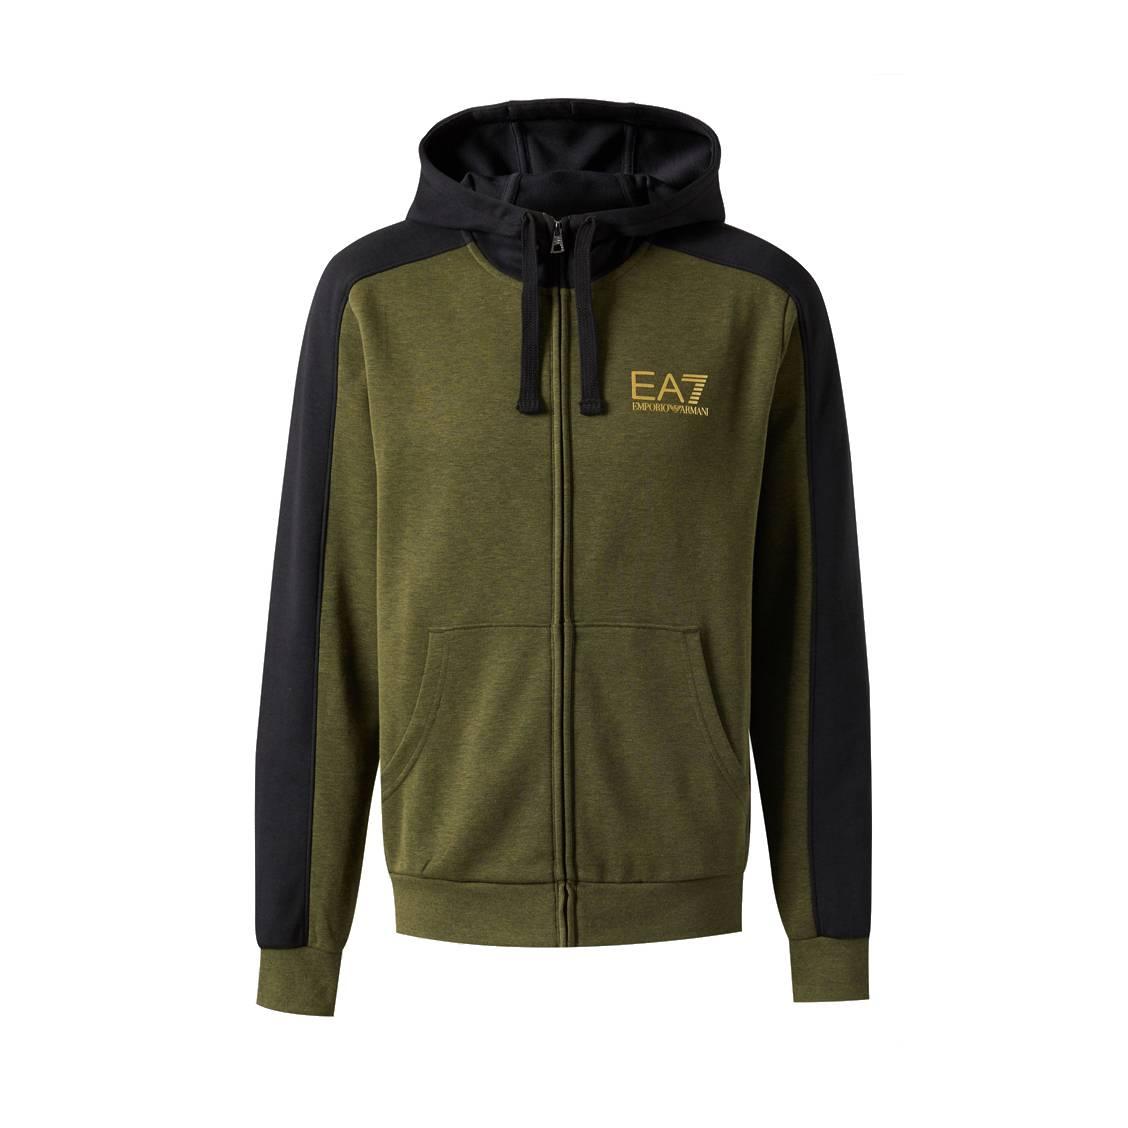 free shipping 9d2a8 df615 Sweat zippe EA7 en coton vert chine et noir floque en noir et dore-1-2 1128x1128.jpg